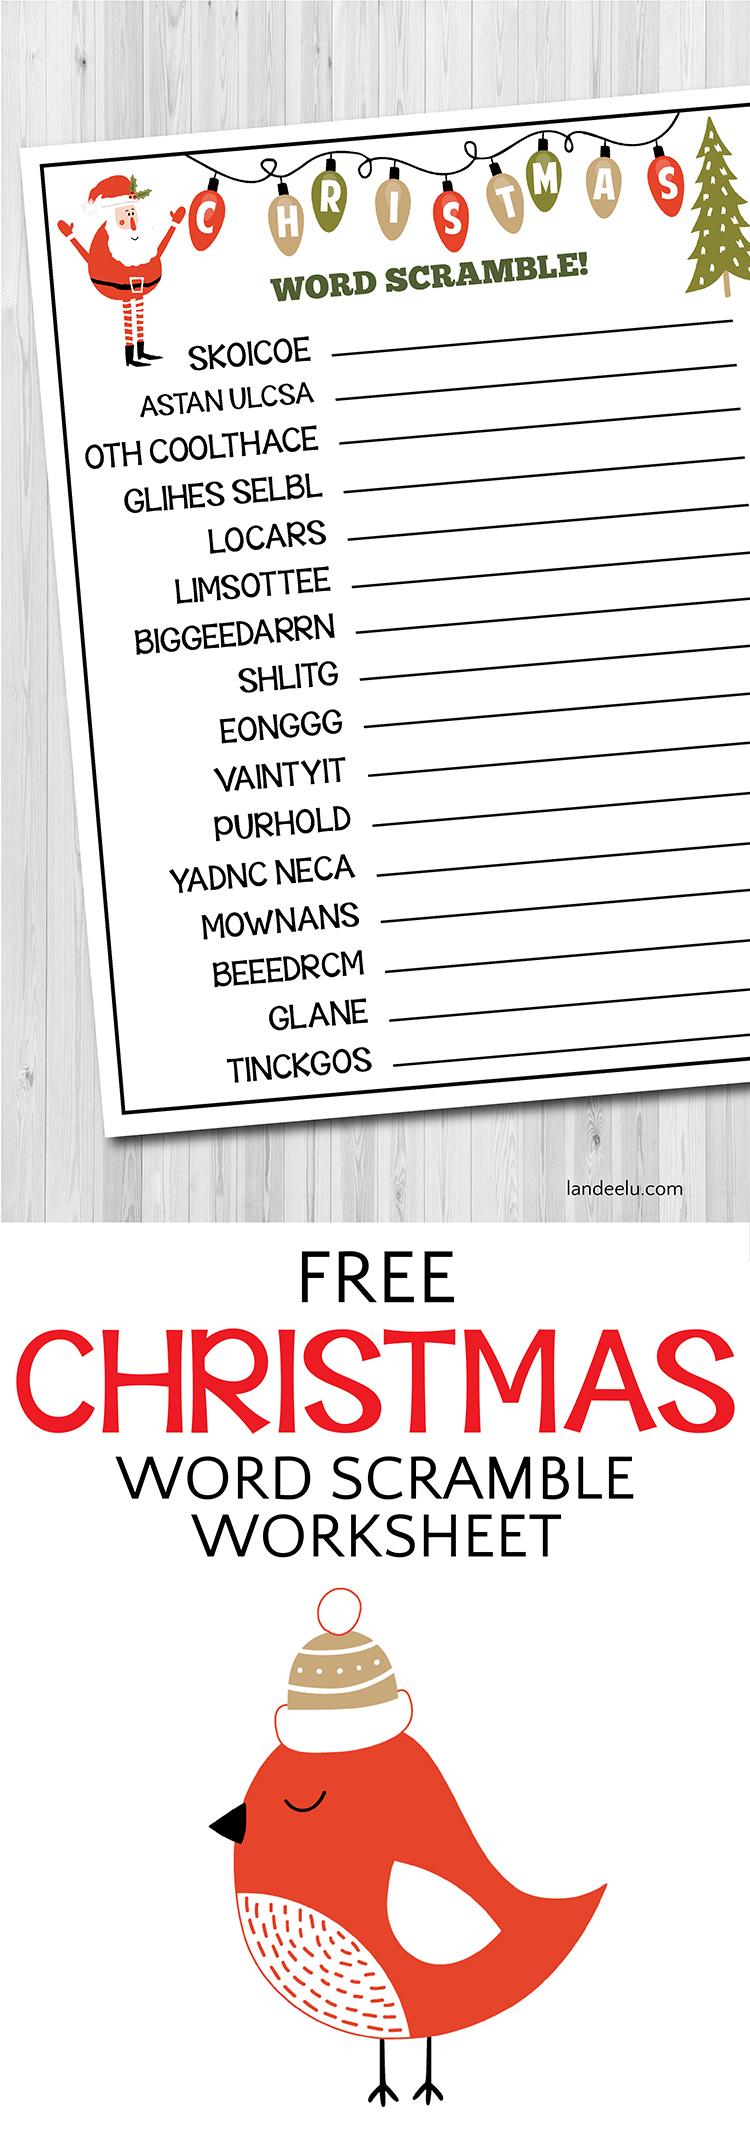 Christmas Worksheet Word Scramble   landeelu.com